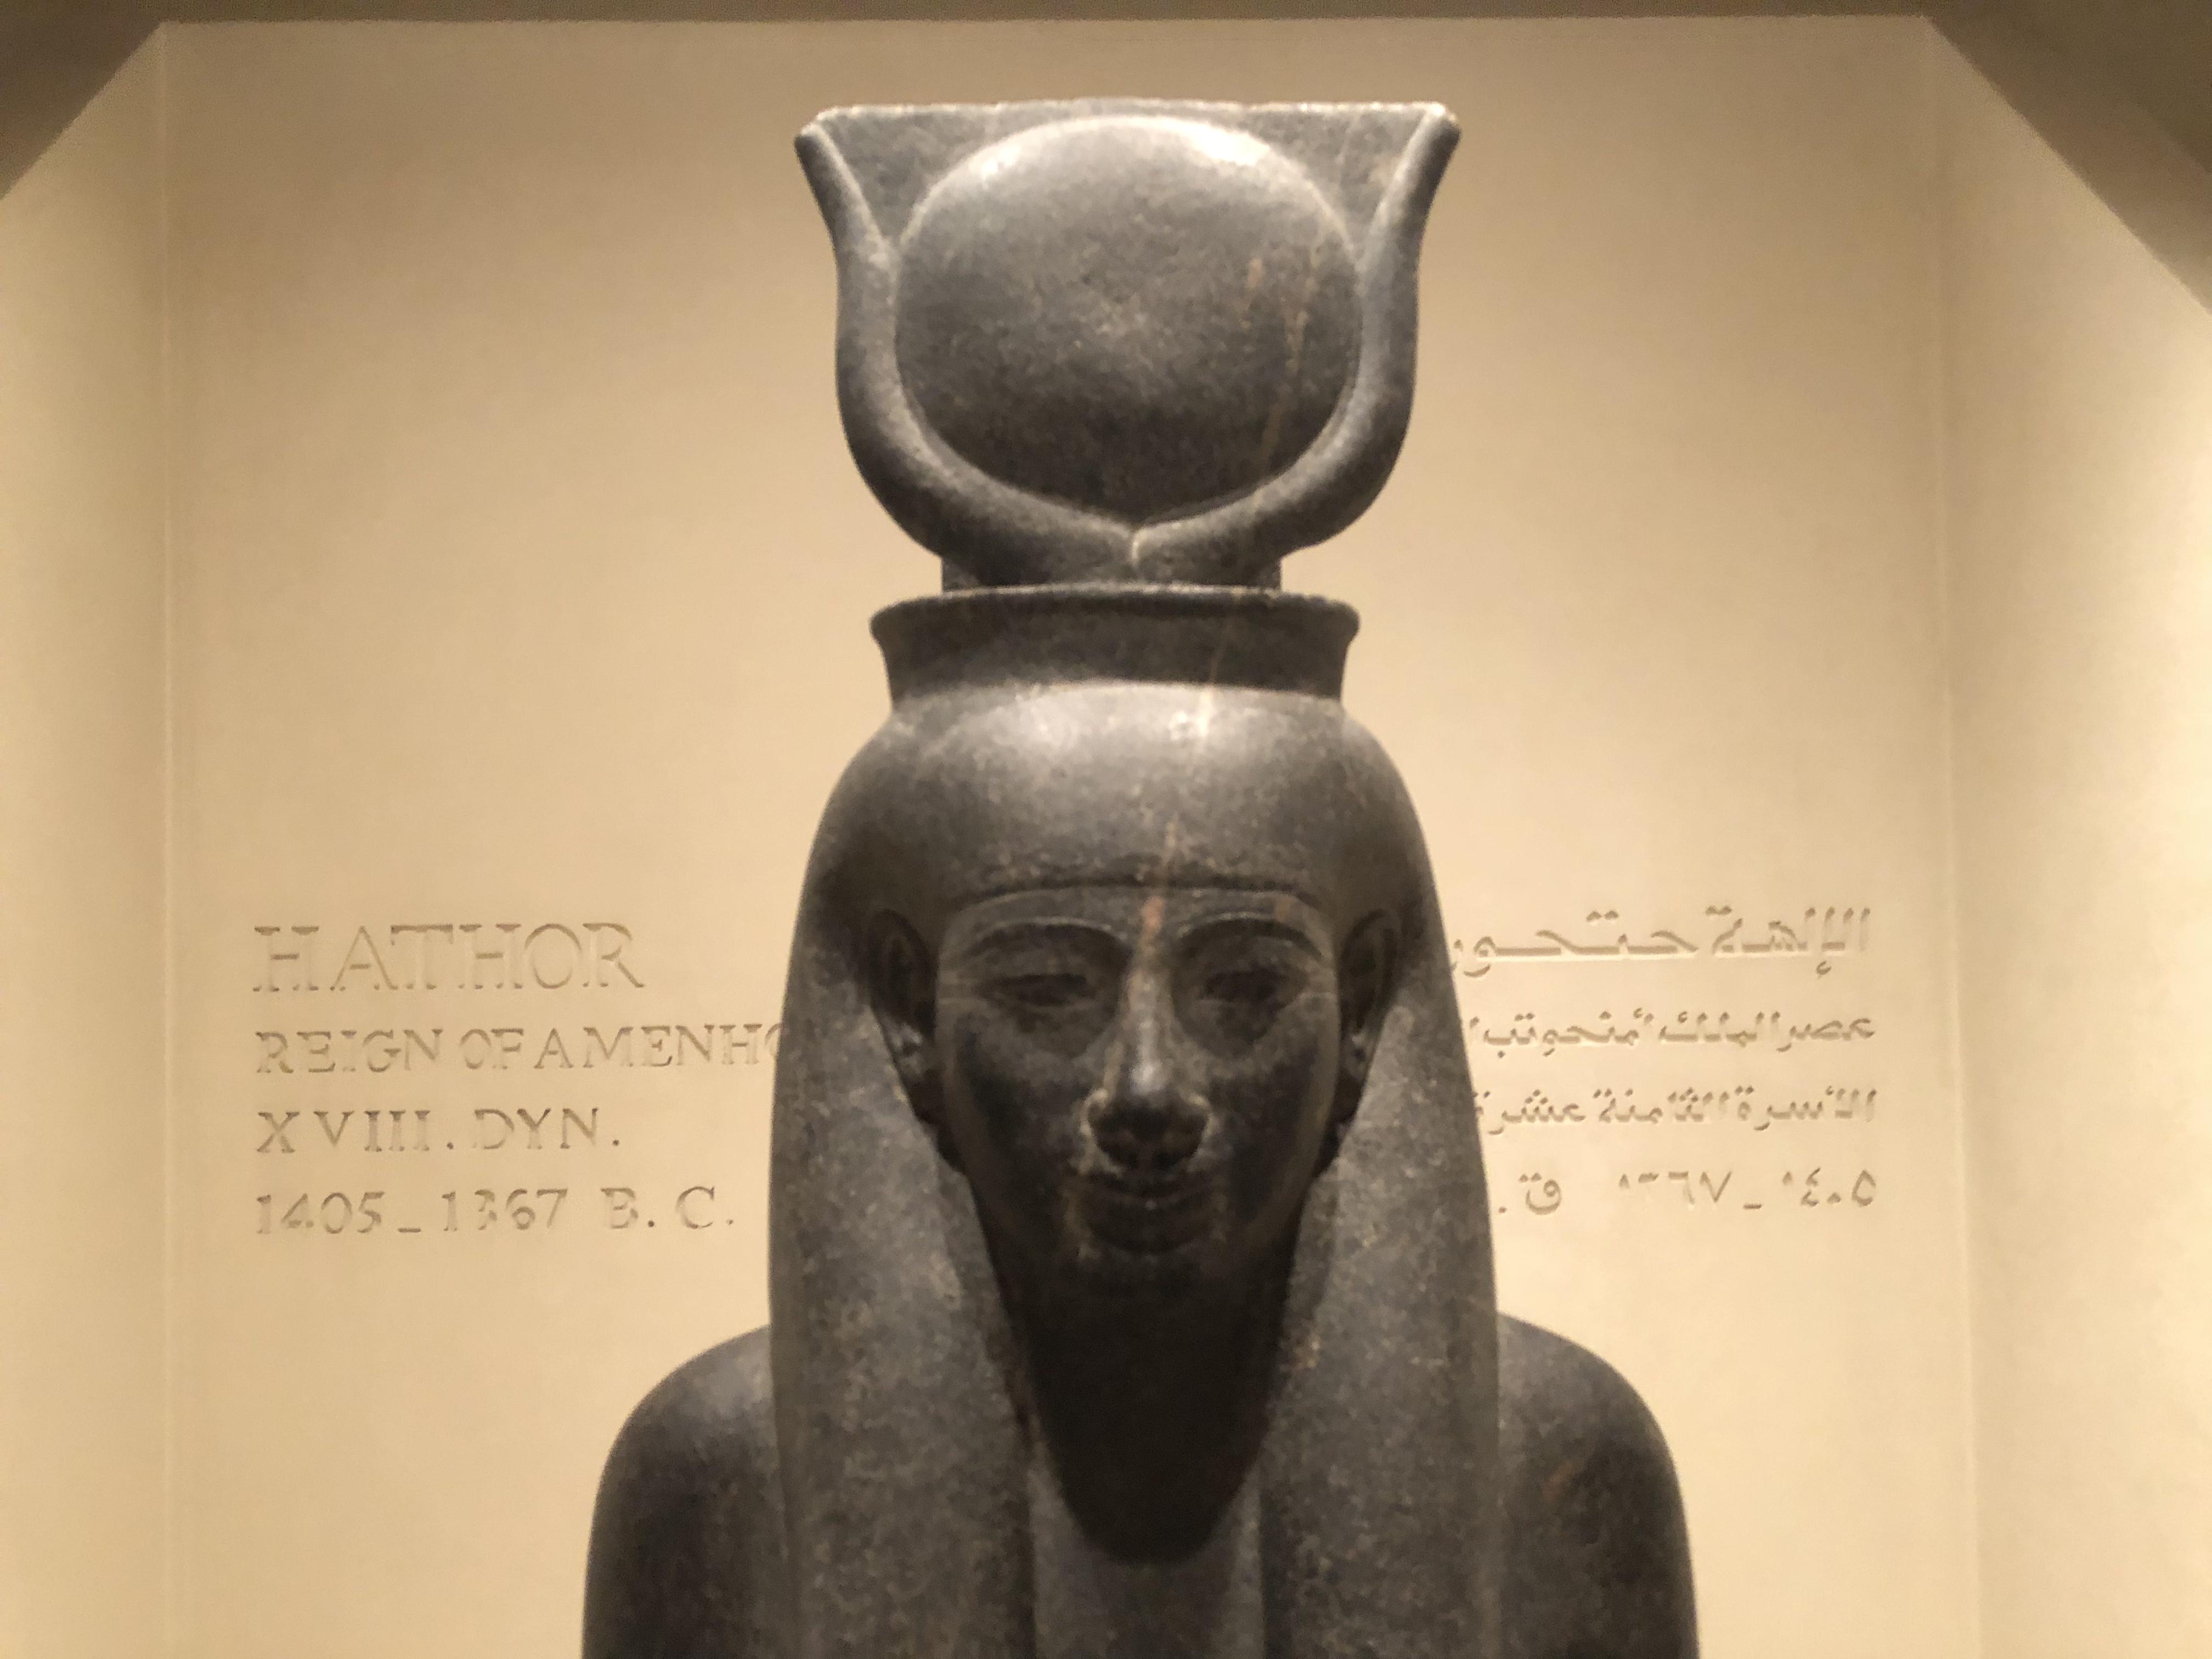 Hathor headshot